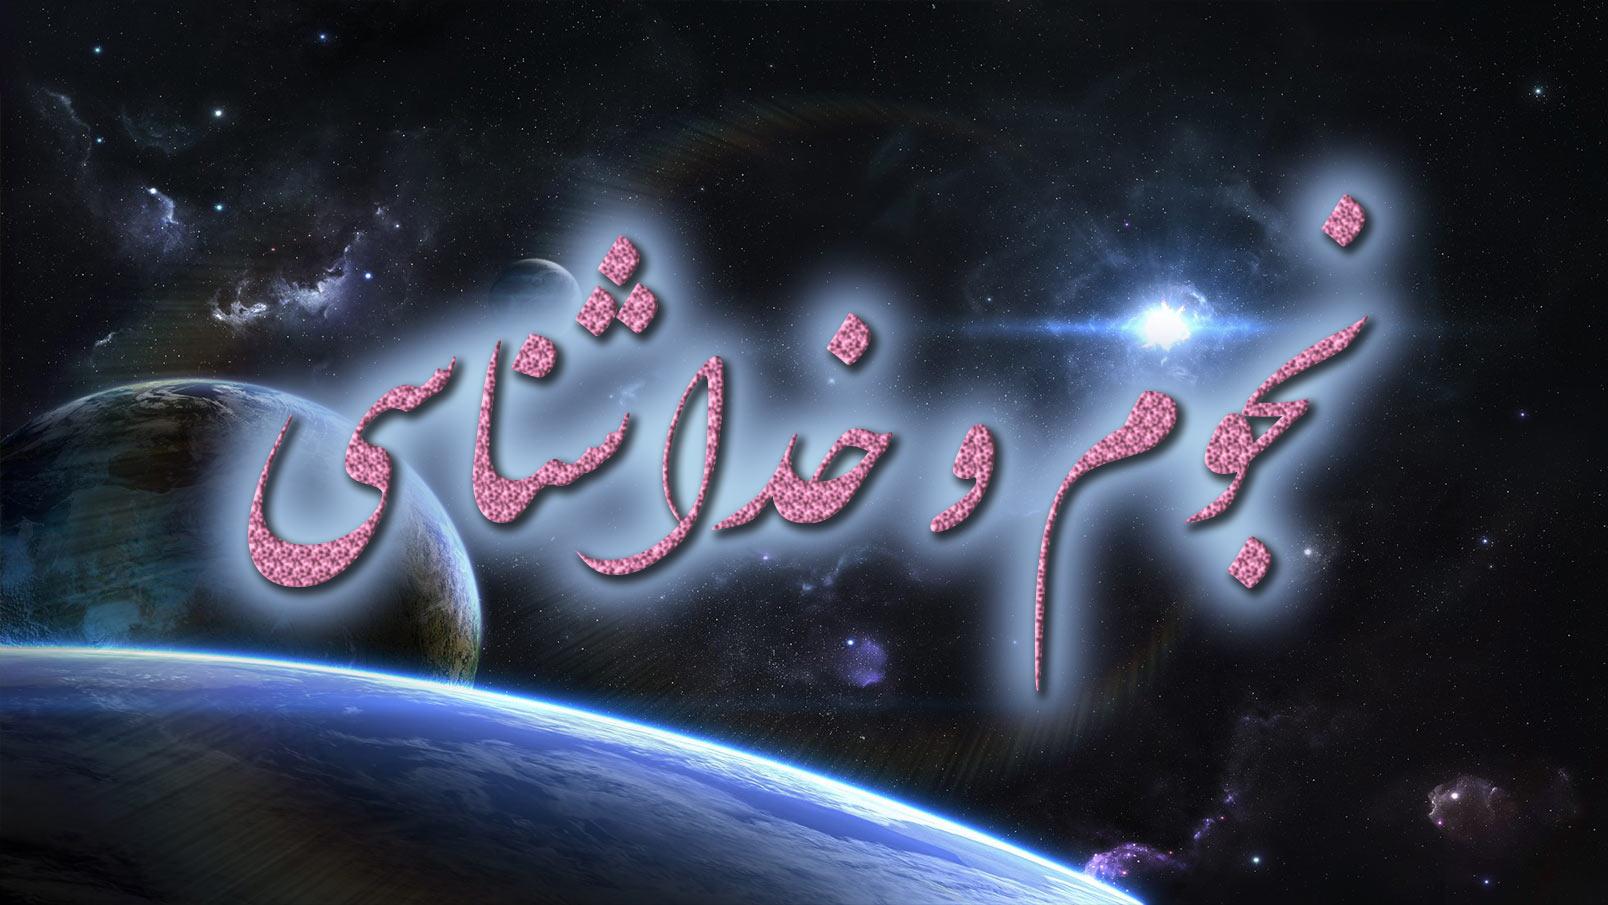 فهرست مطالب نجوم و خداشناسی